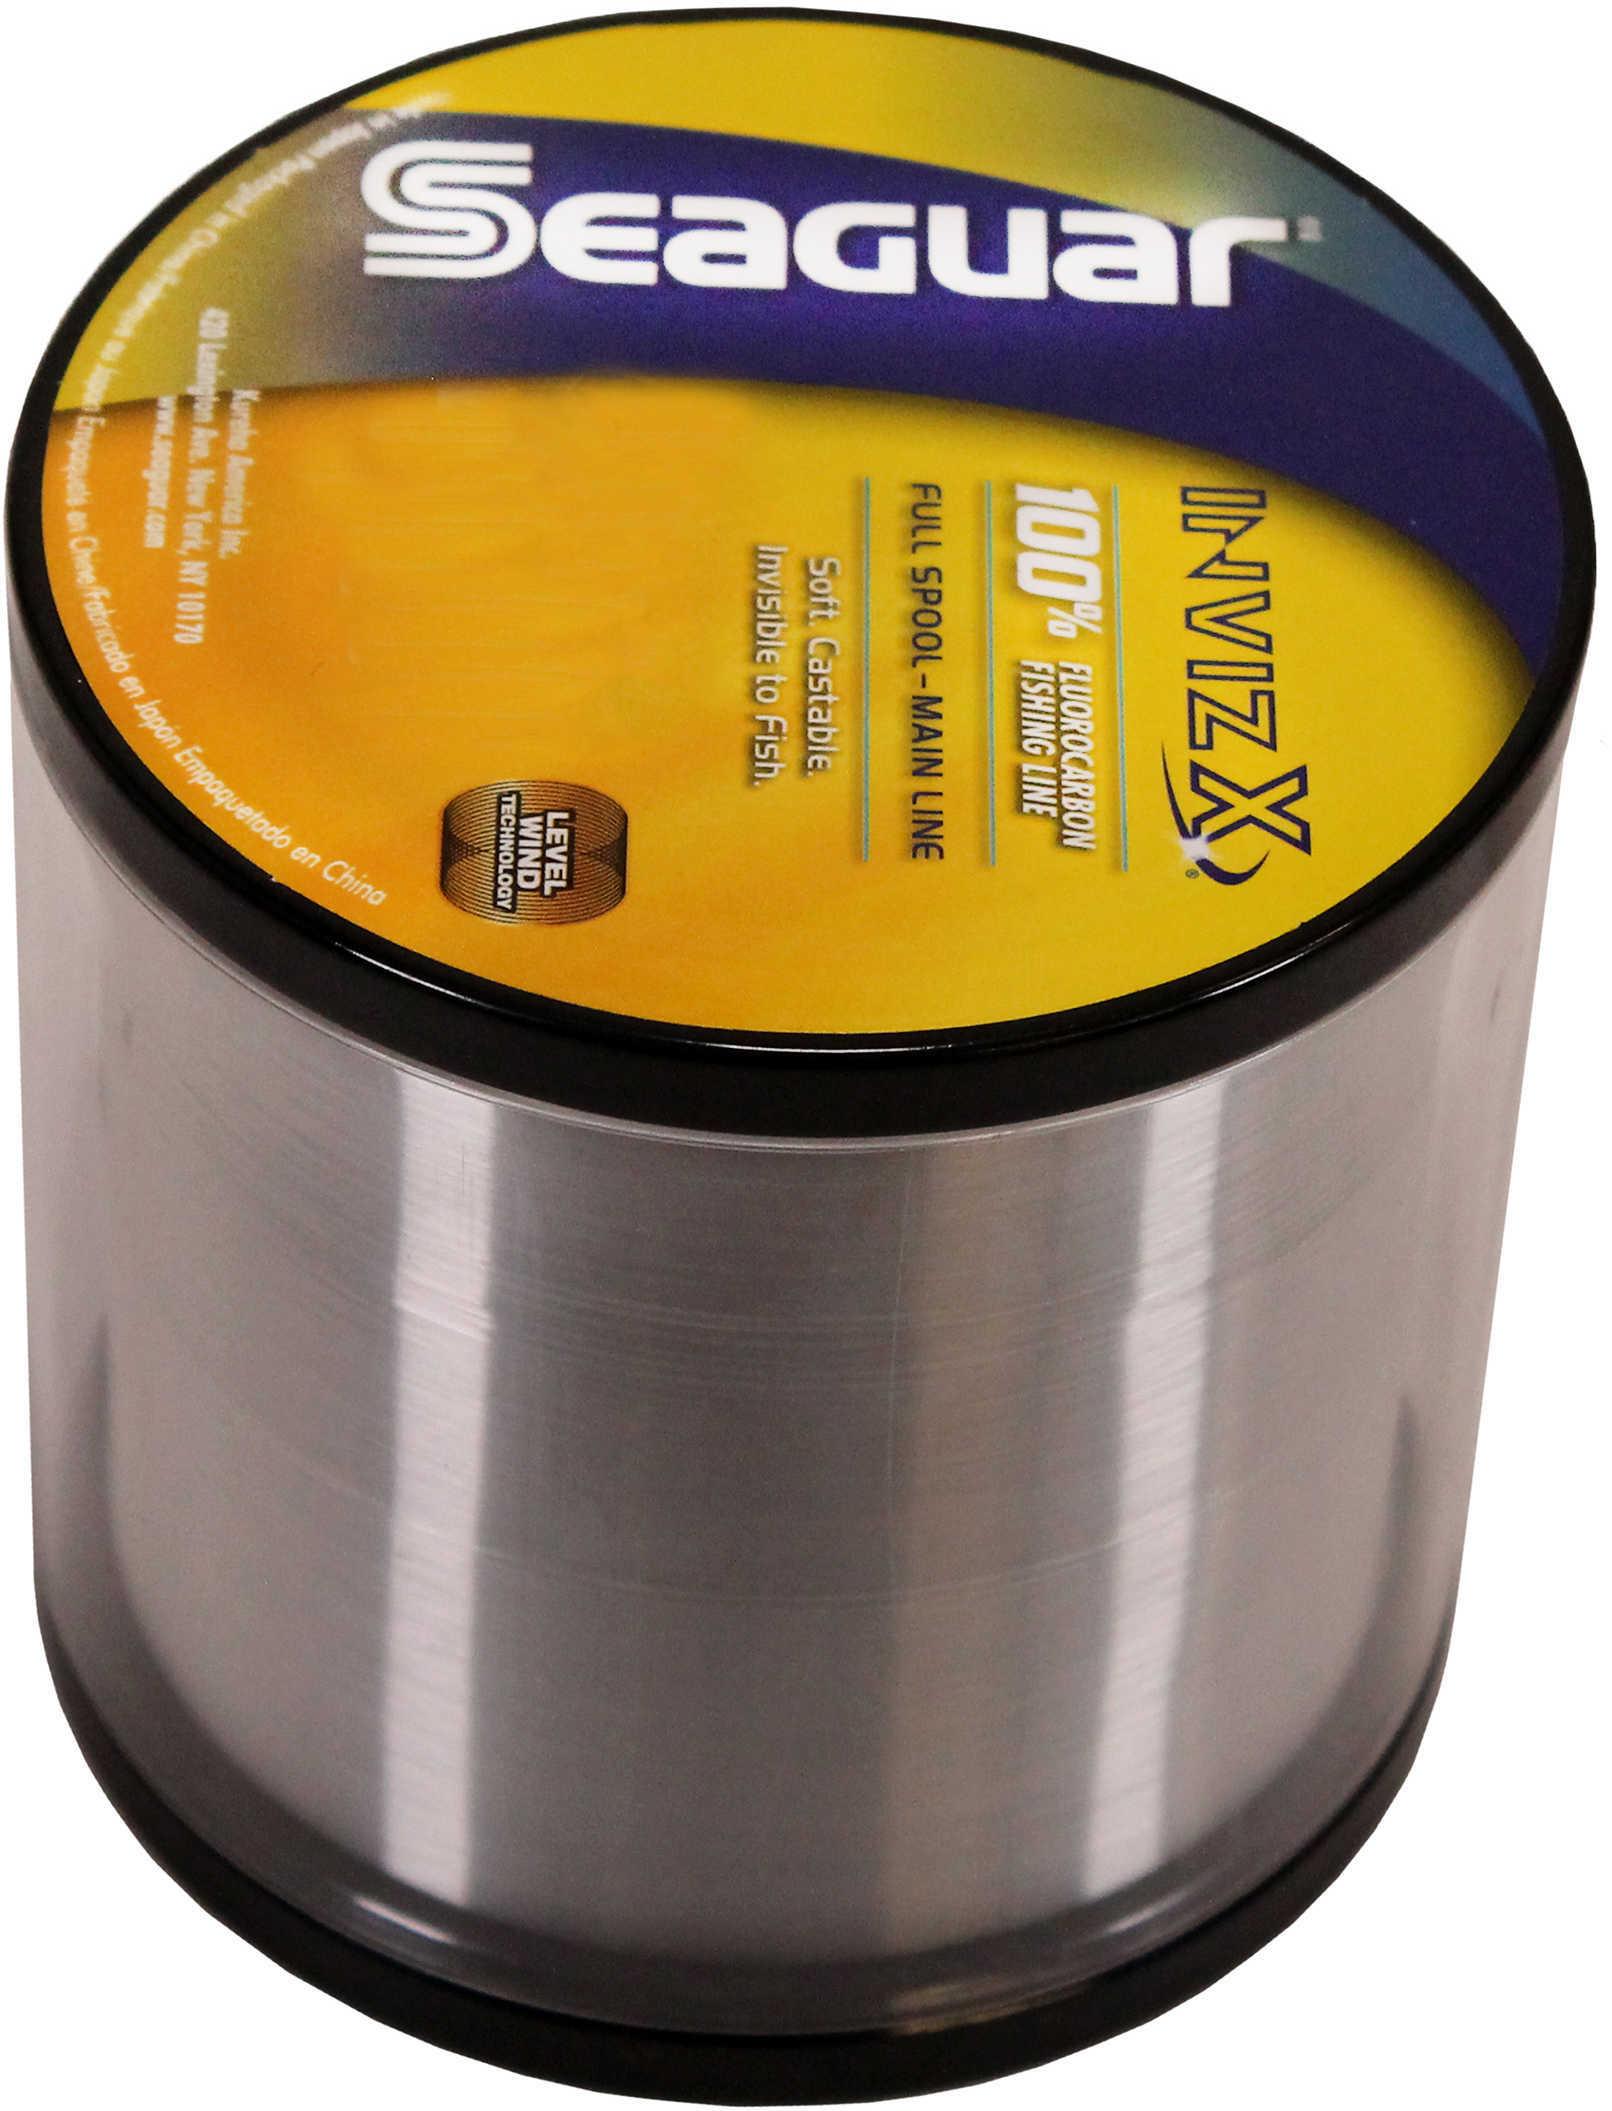 Seaguar Inviz X Fluorcarbon Clear 1000yds 10Lb Md#: 10VZ-1000